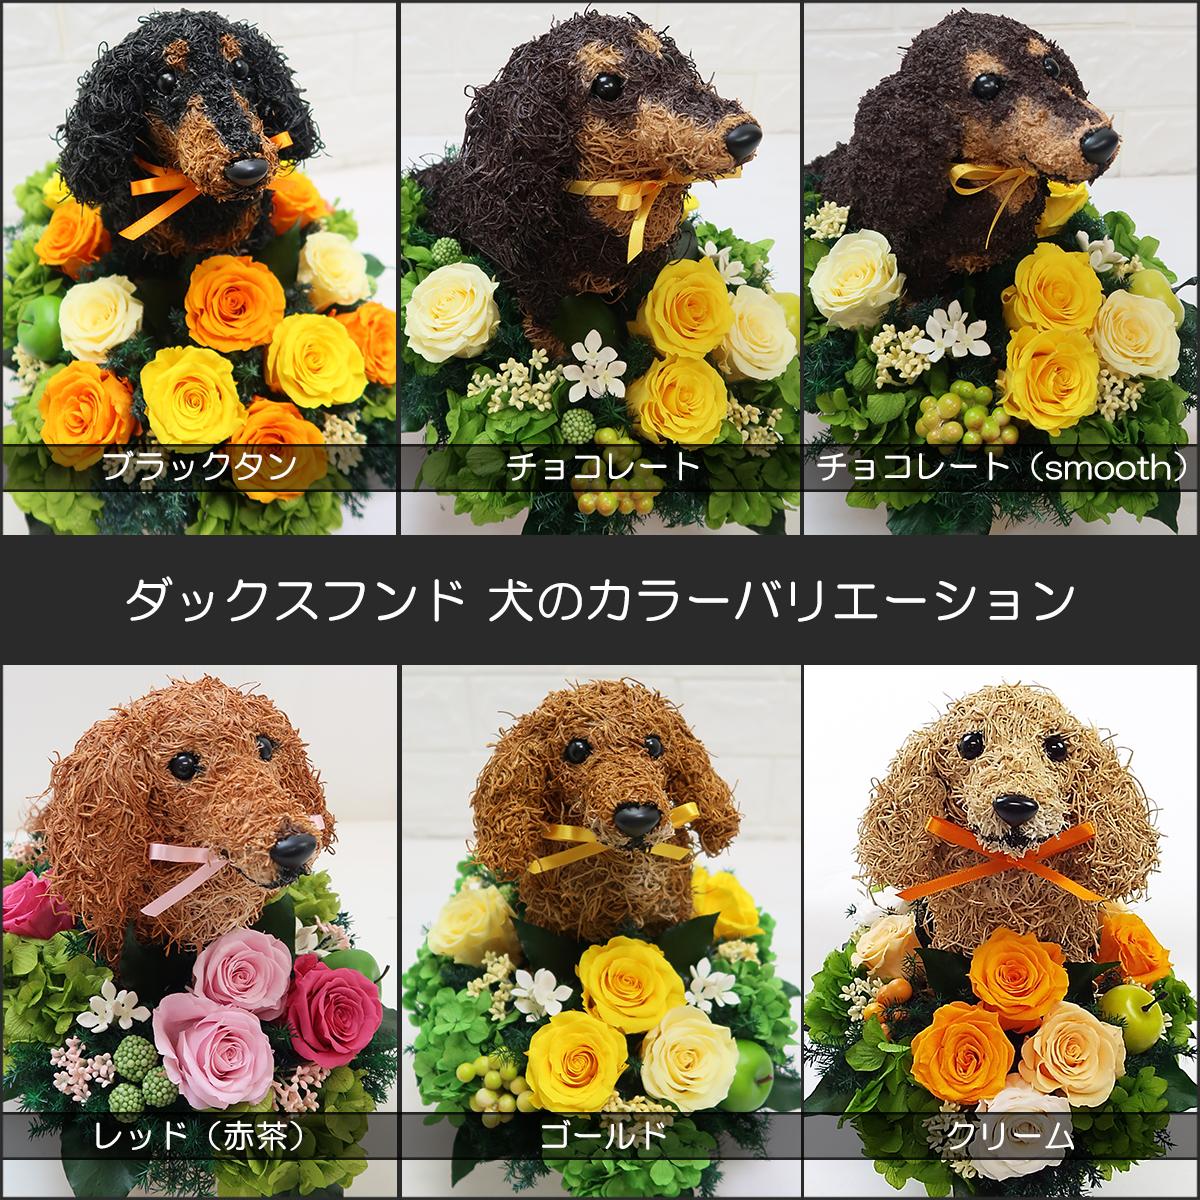 プリザーブドフラワー犬,ダックス カラーバリエーション